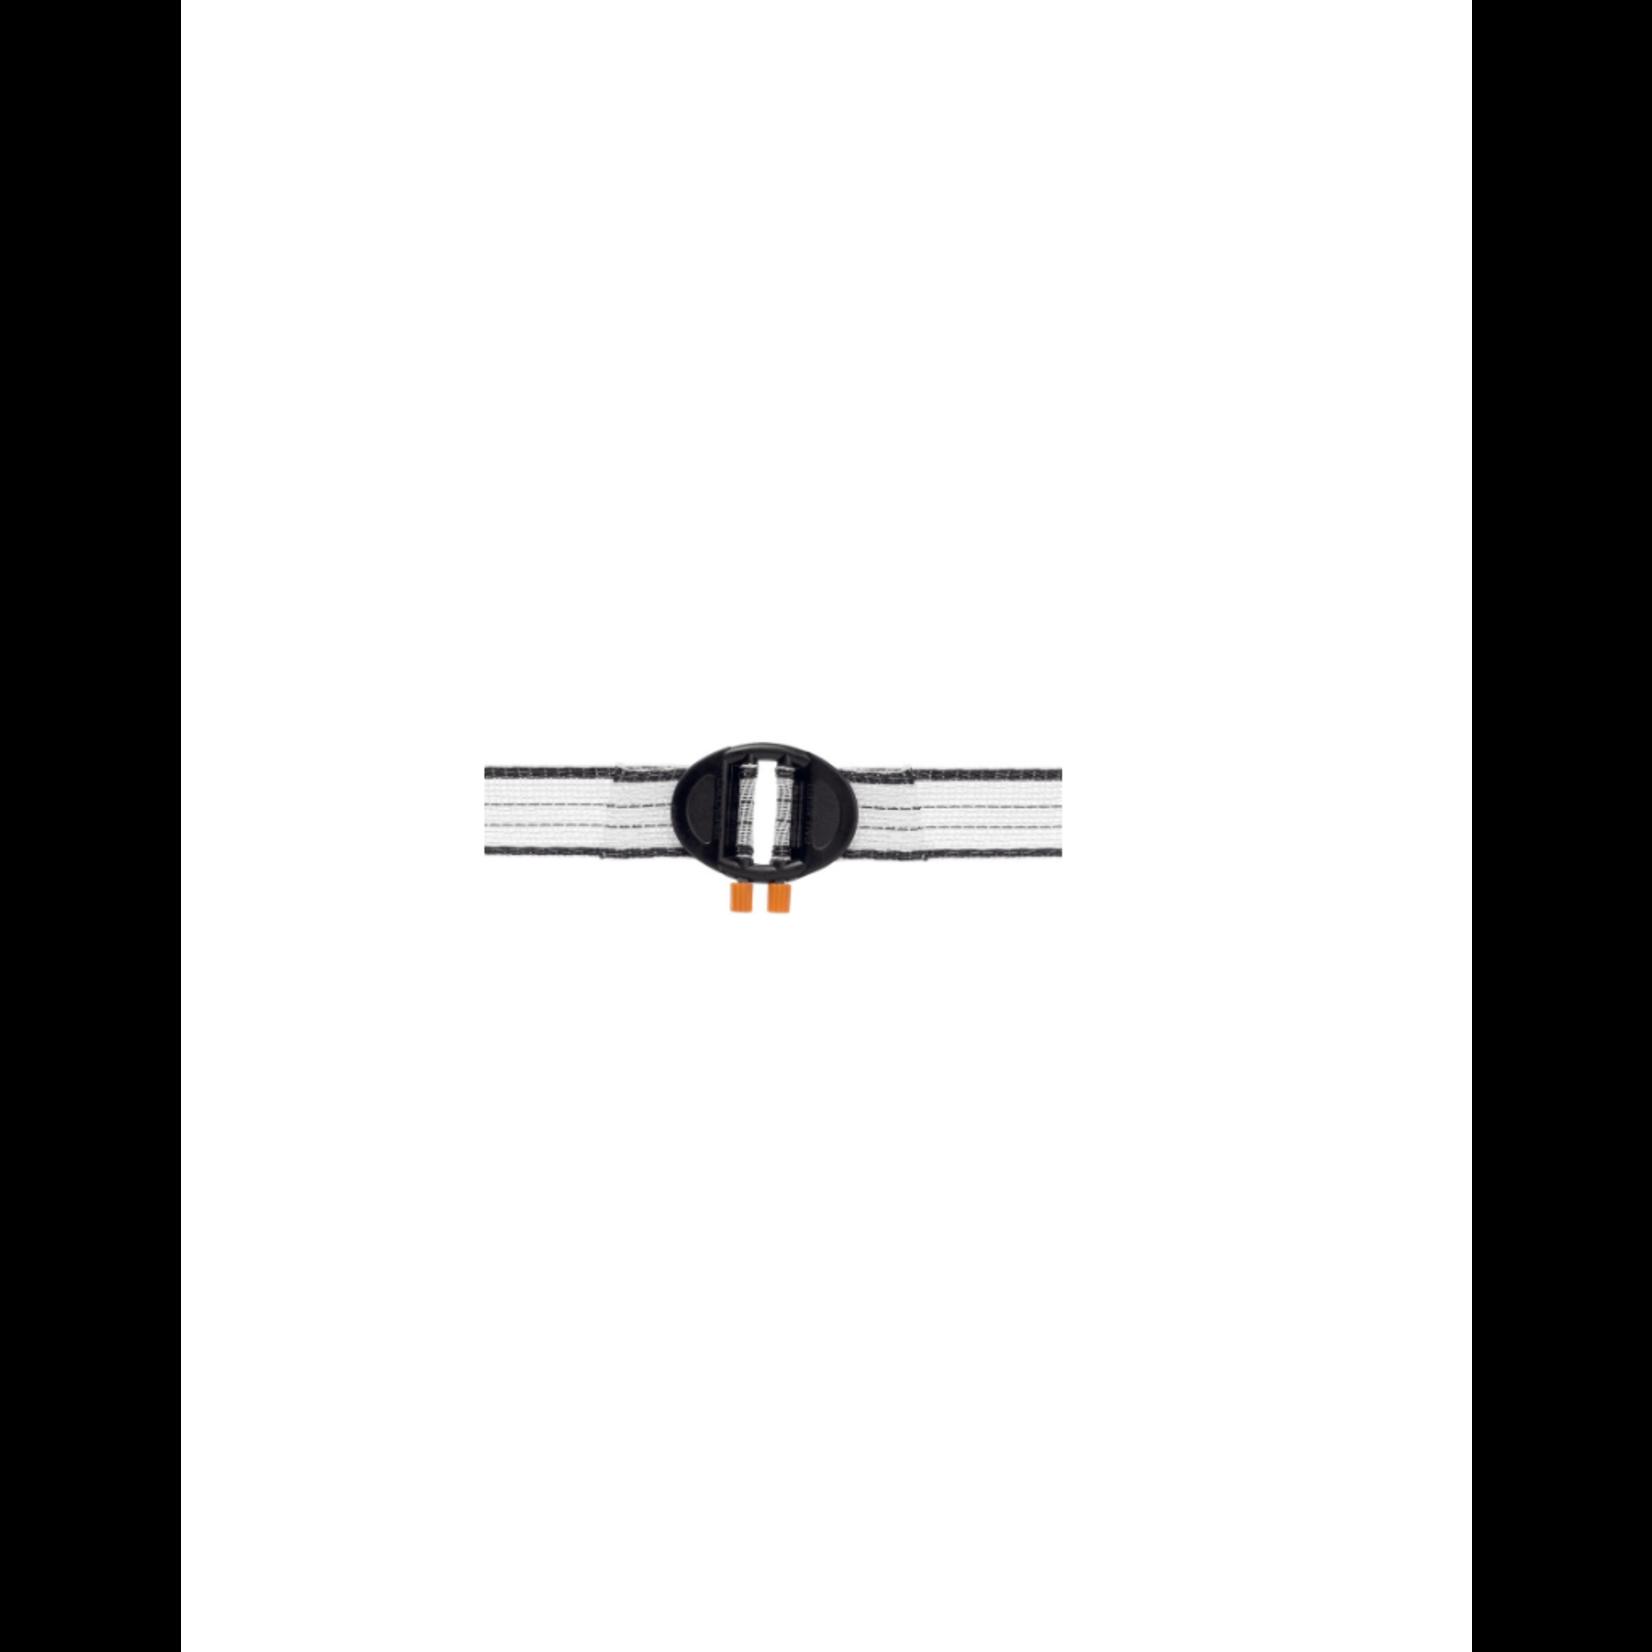 Gallagher Gallagher Lintverbinder (20mm/40mm) (5 stuks)